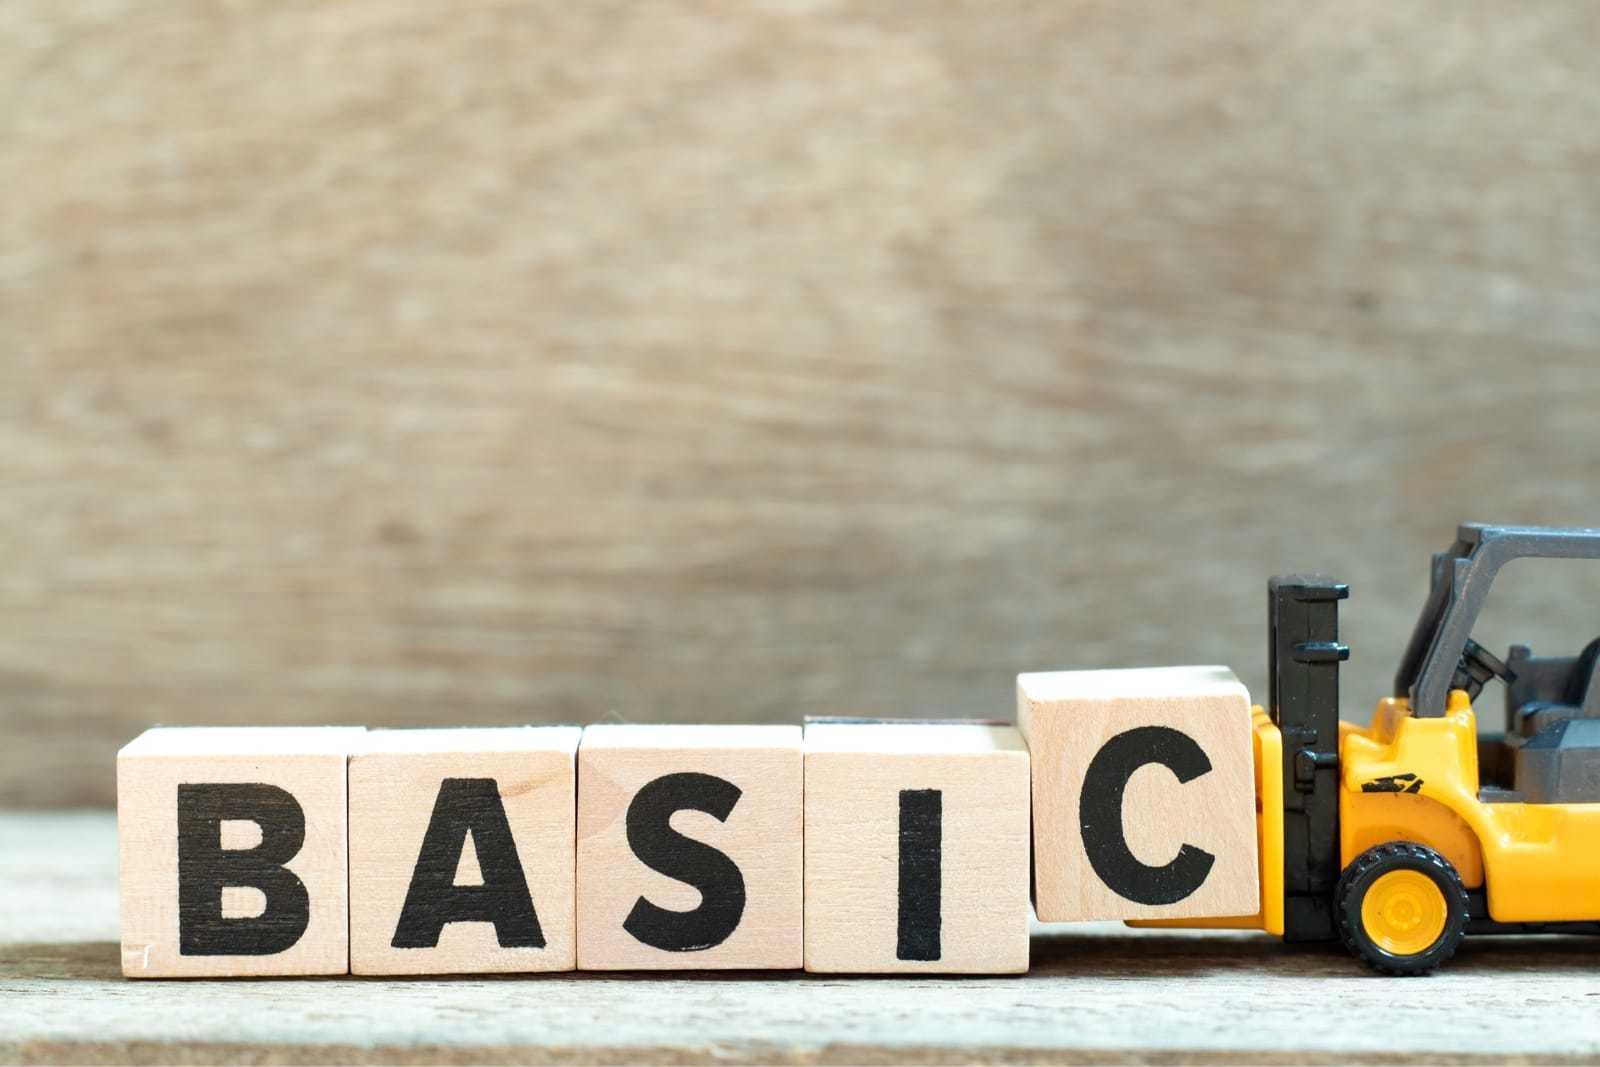 「BASIC」と書かれたブロックを運ぶおもちゃの車